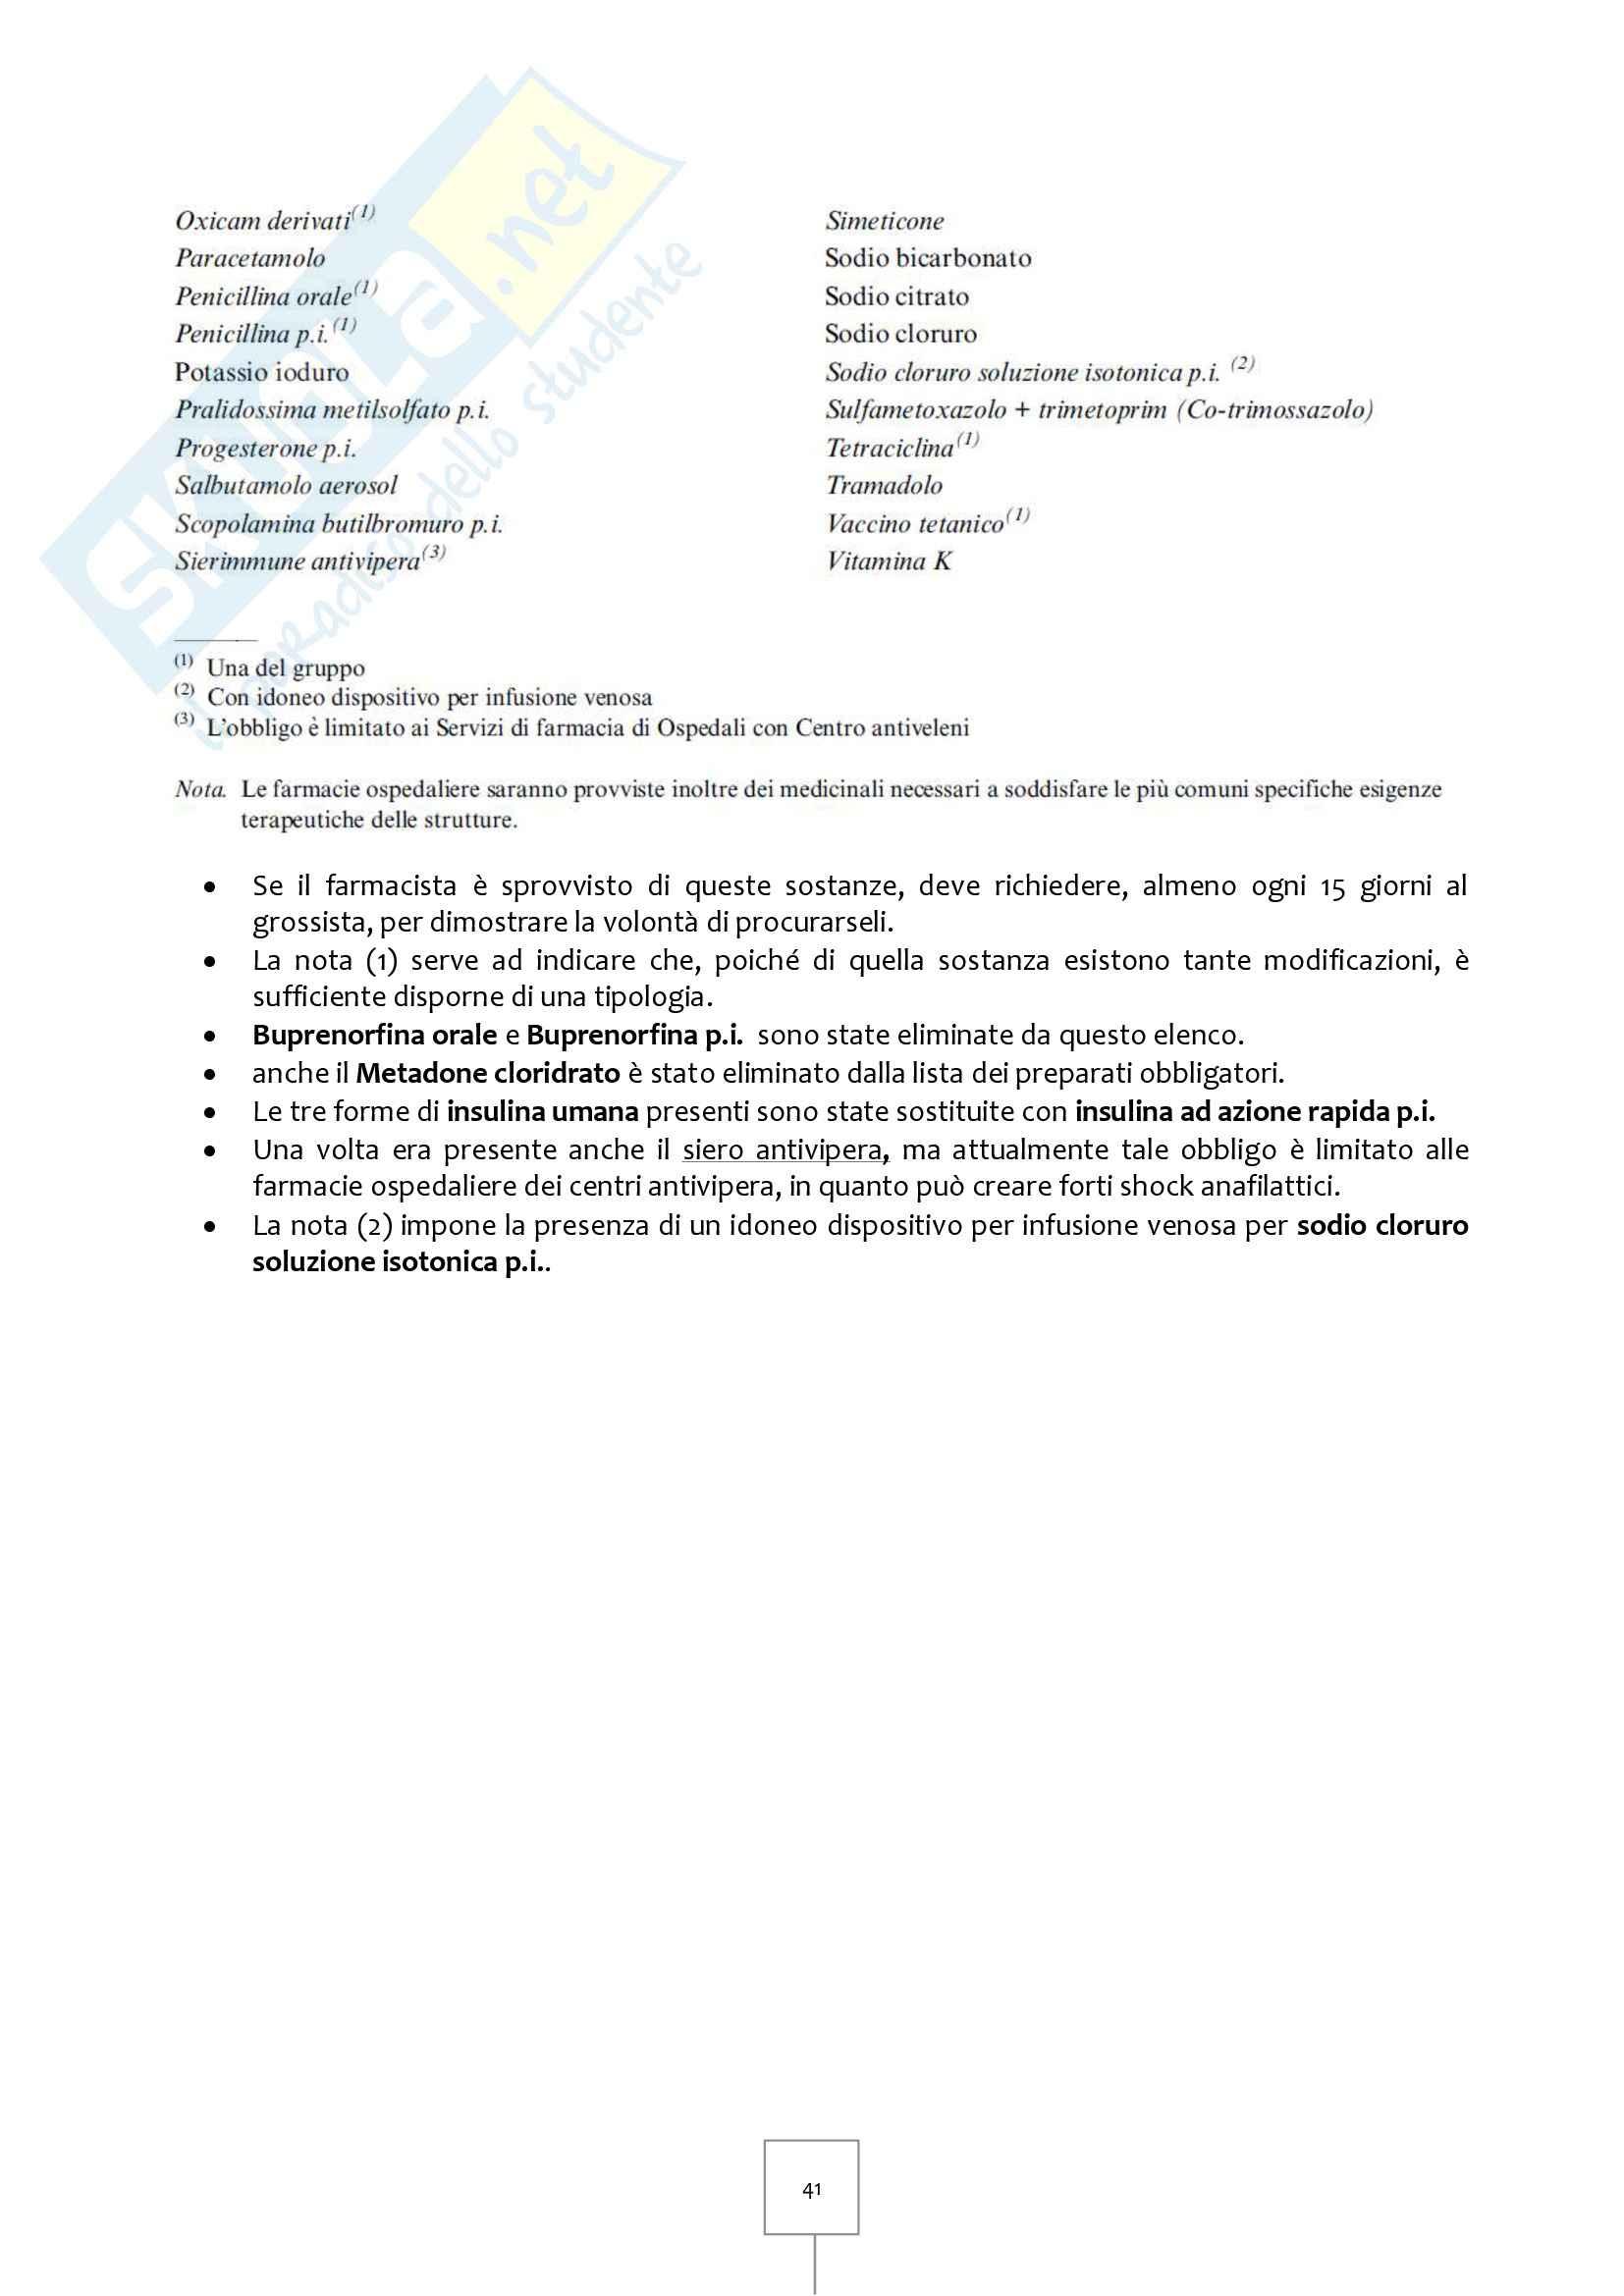 Legislazione Farmaceutica I - Appunti Pag. 41